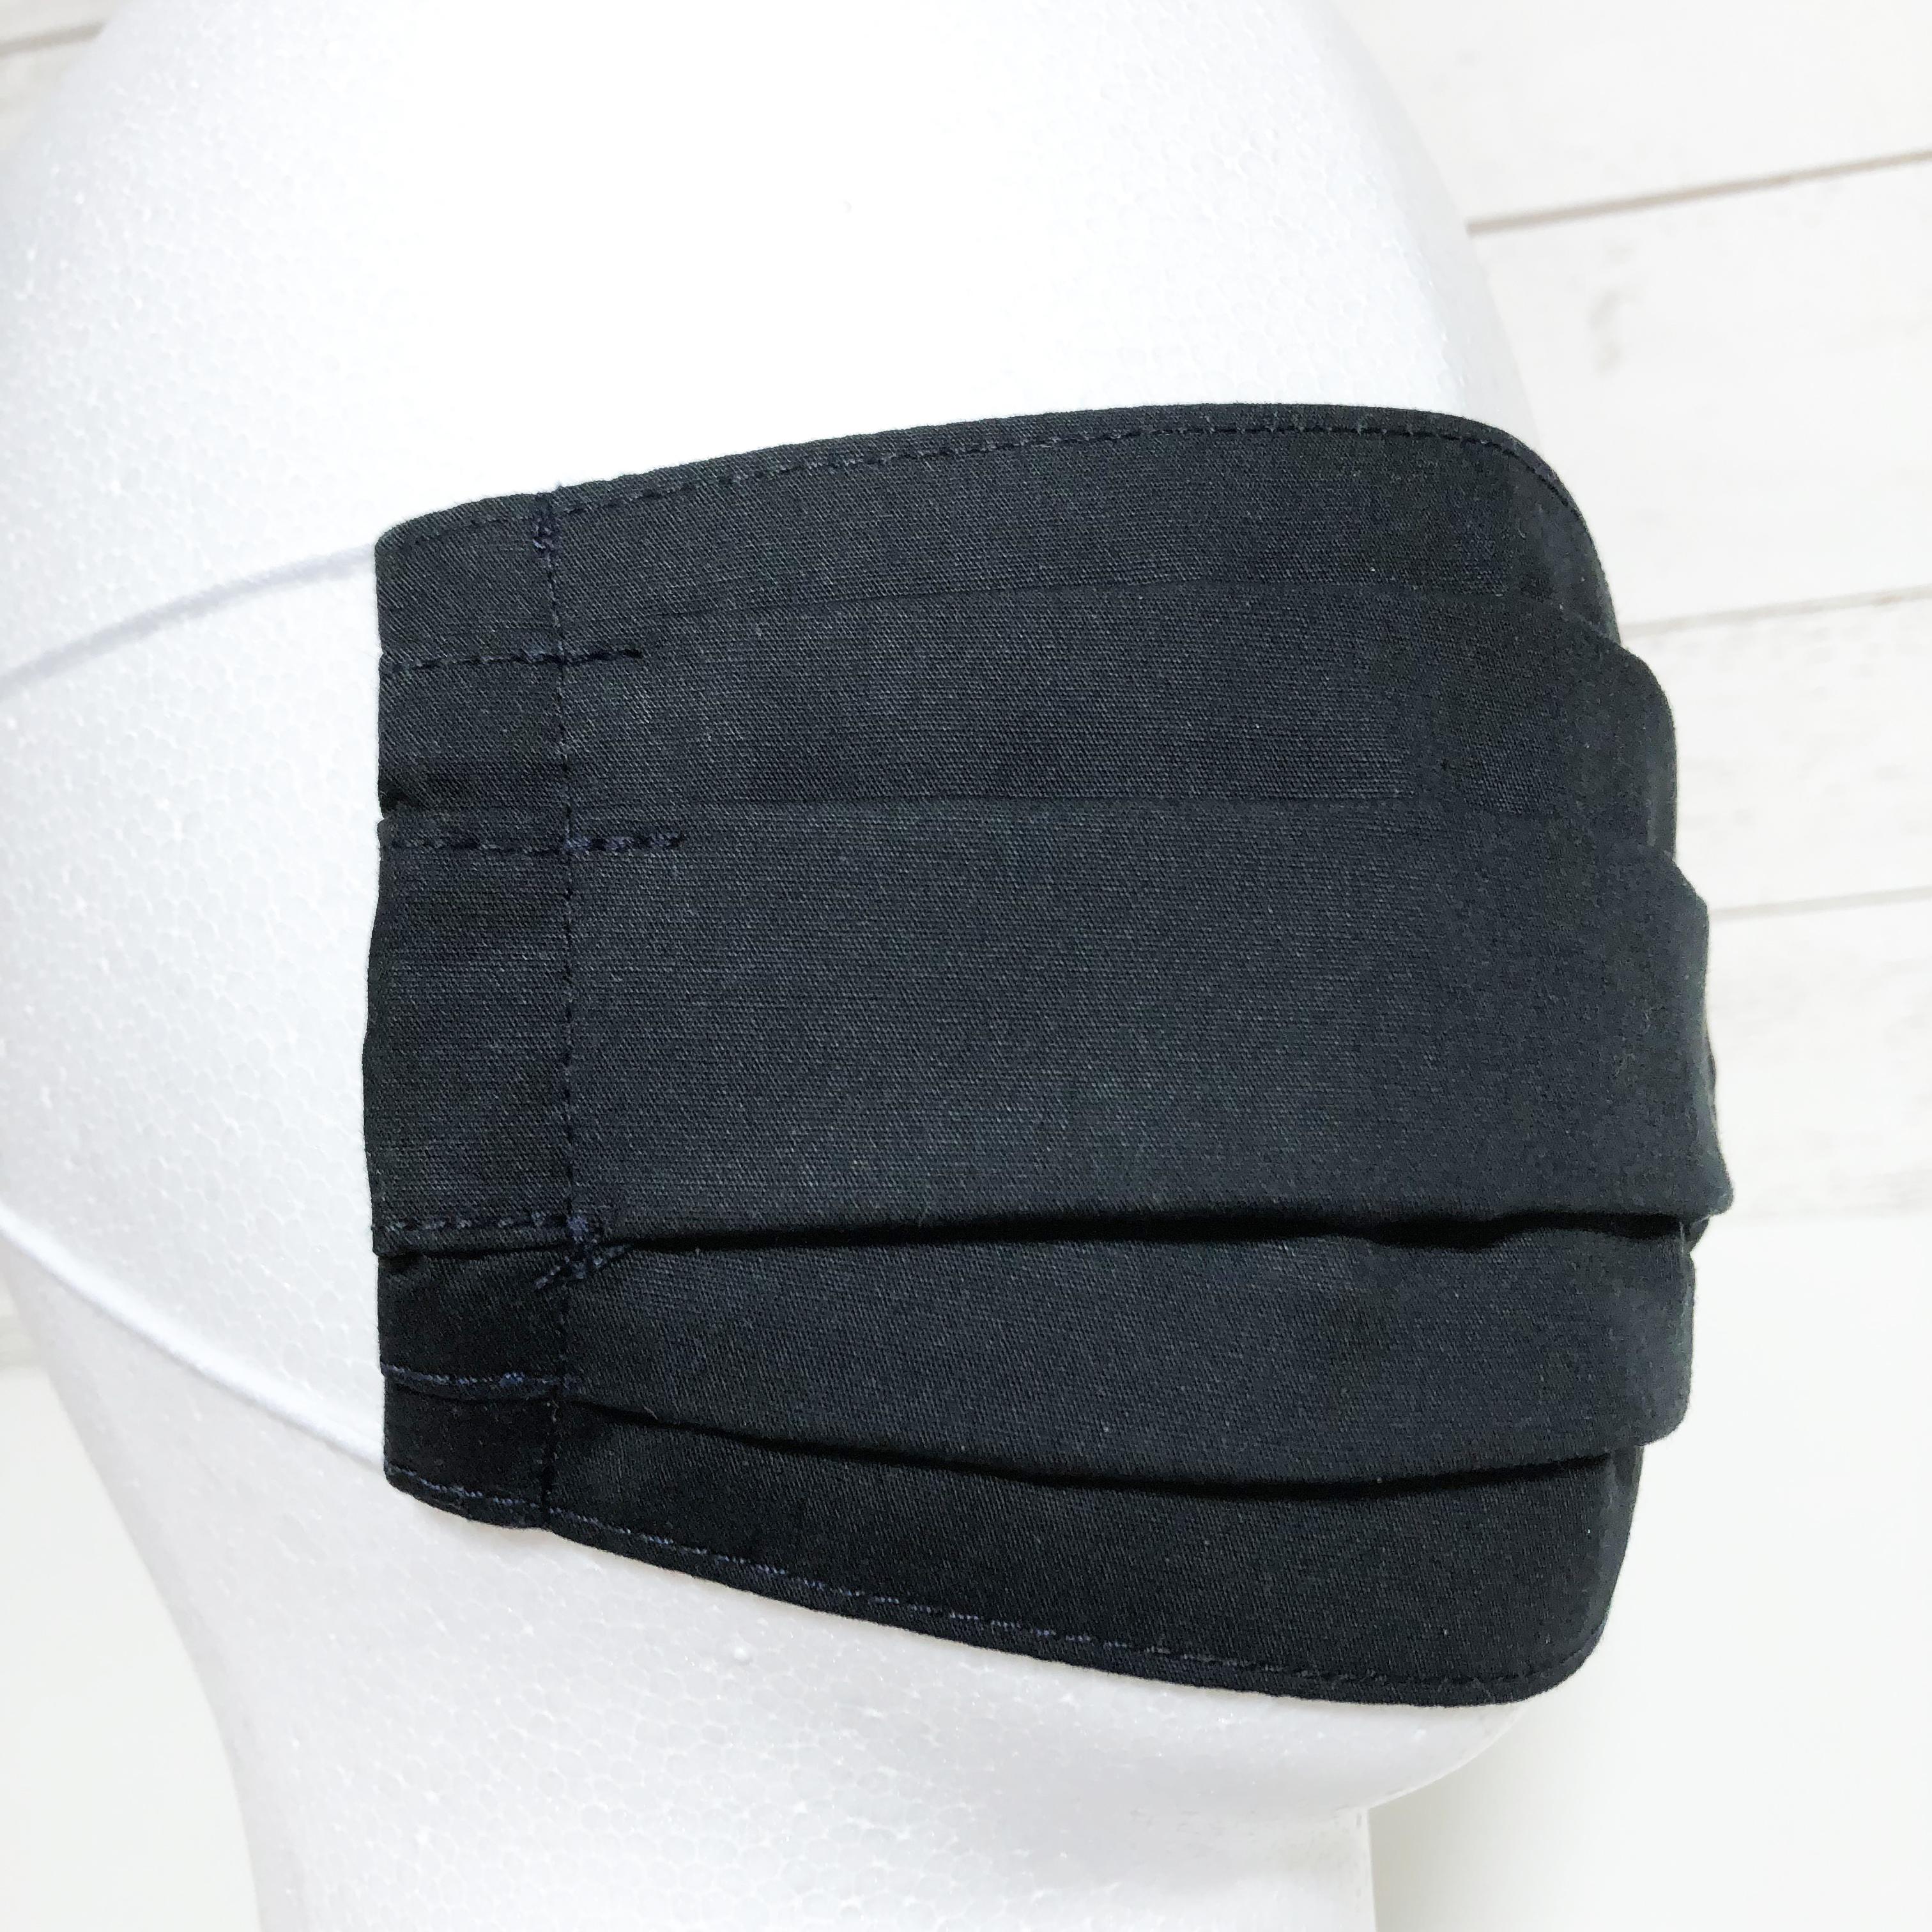 エチケットマスク プリーツタイプ 黒 ブラック 大人サイズ マスク用ゴム紐使用